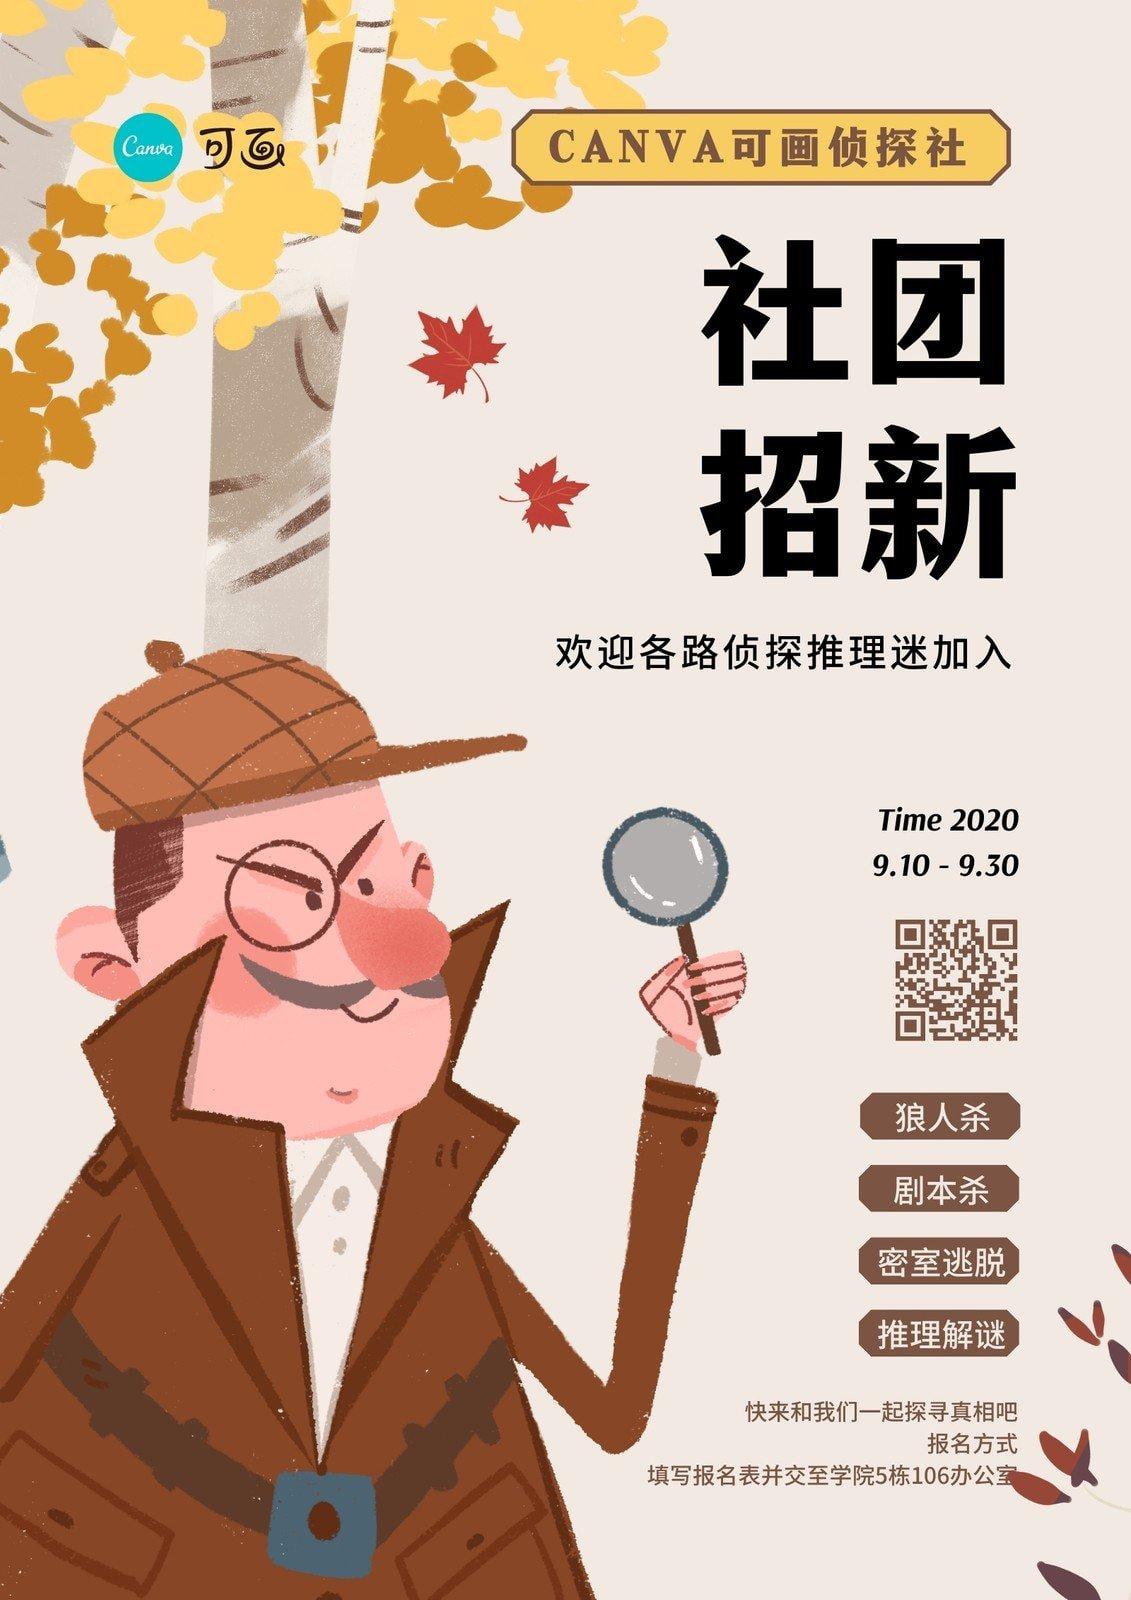 黄褐色侦探推理桌游社团手绘开学季校园招生中文海报